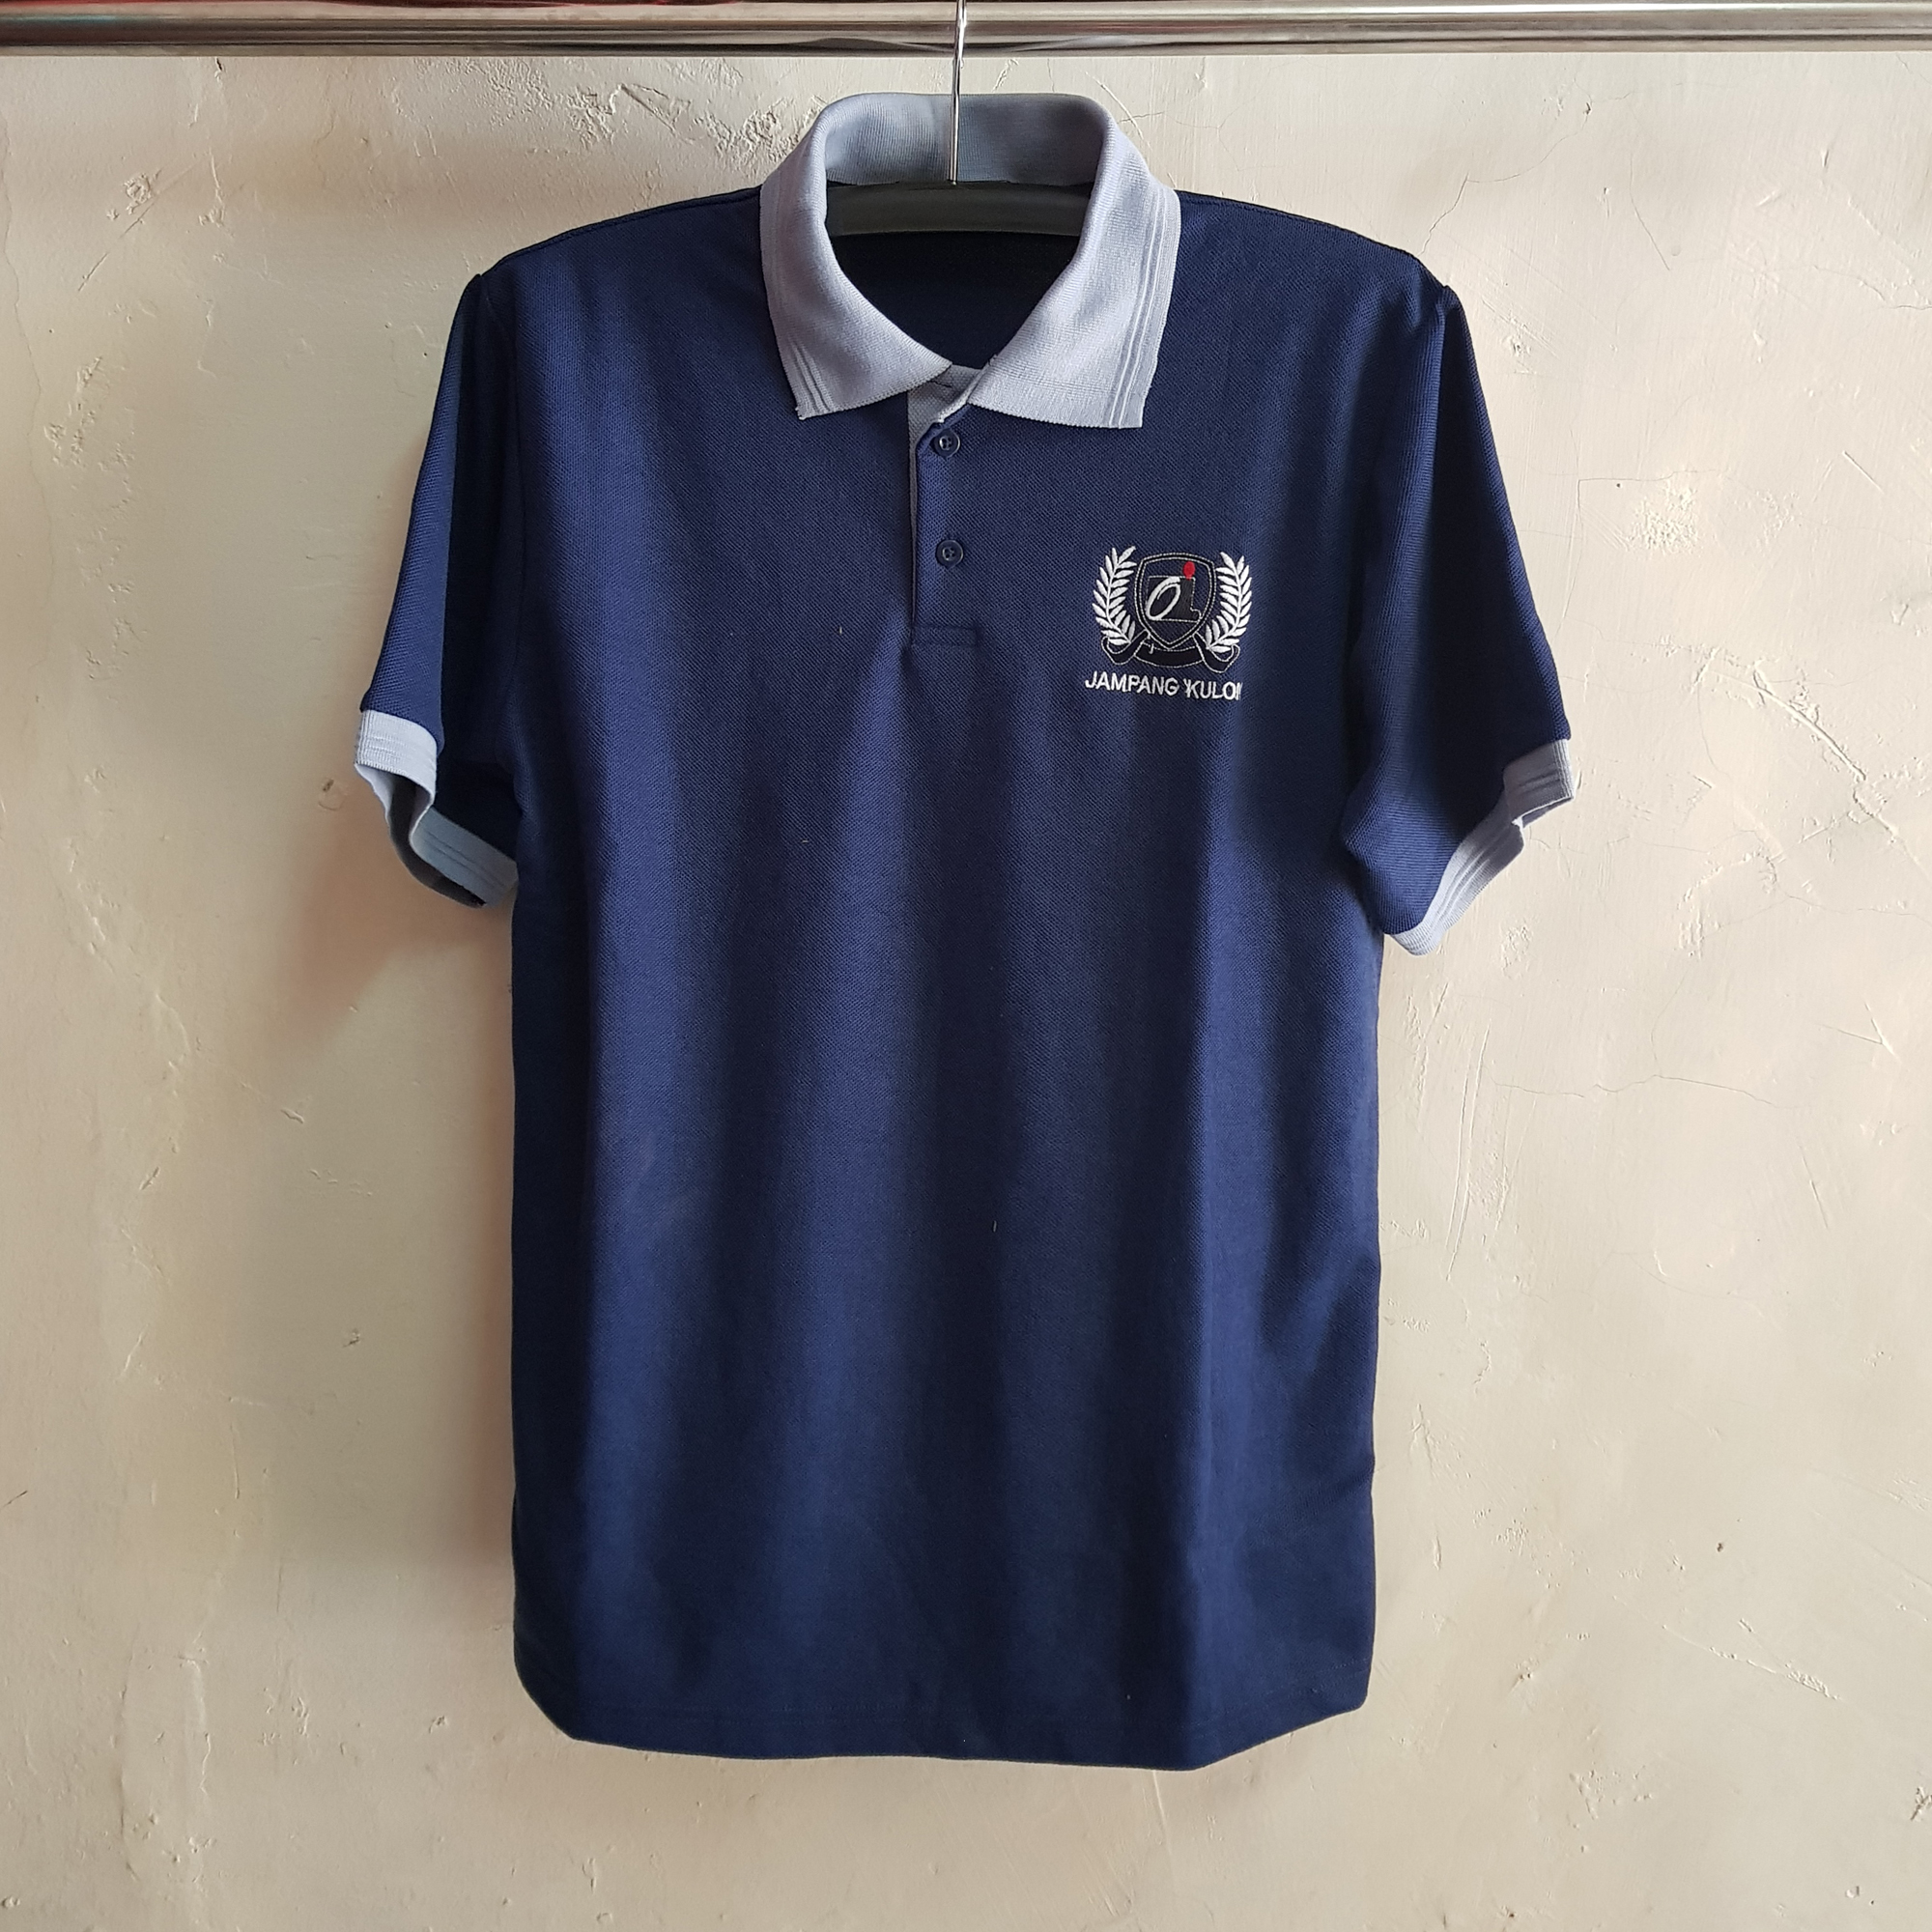 Baju Seragam Poloshirt Ikatan Pemuda